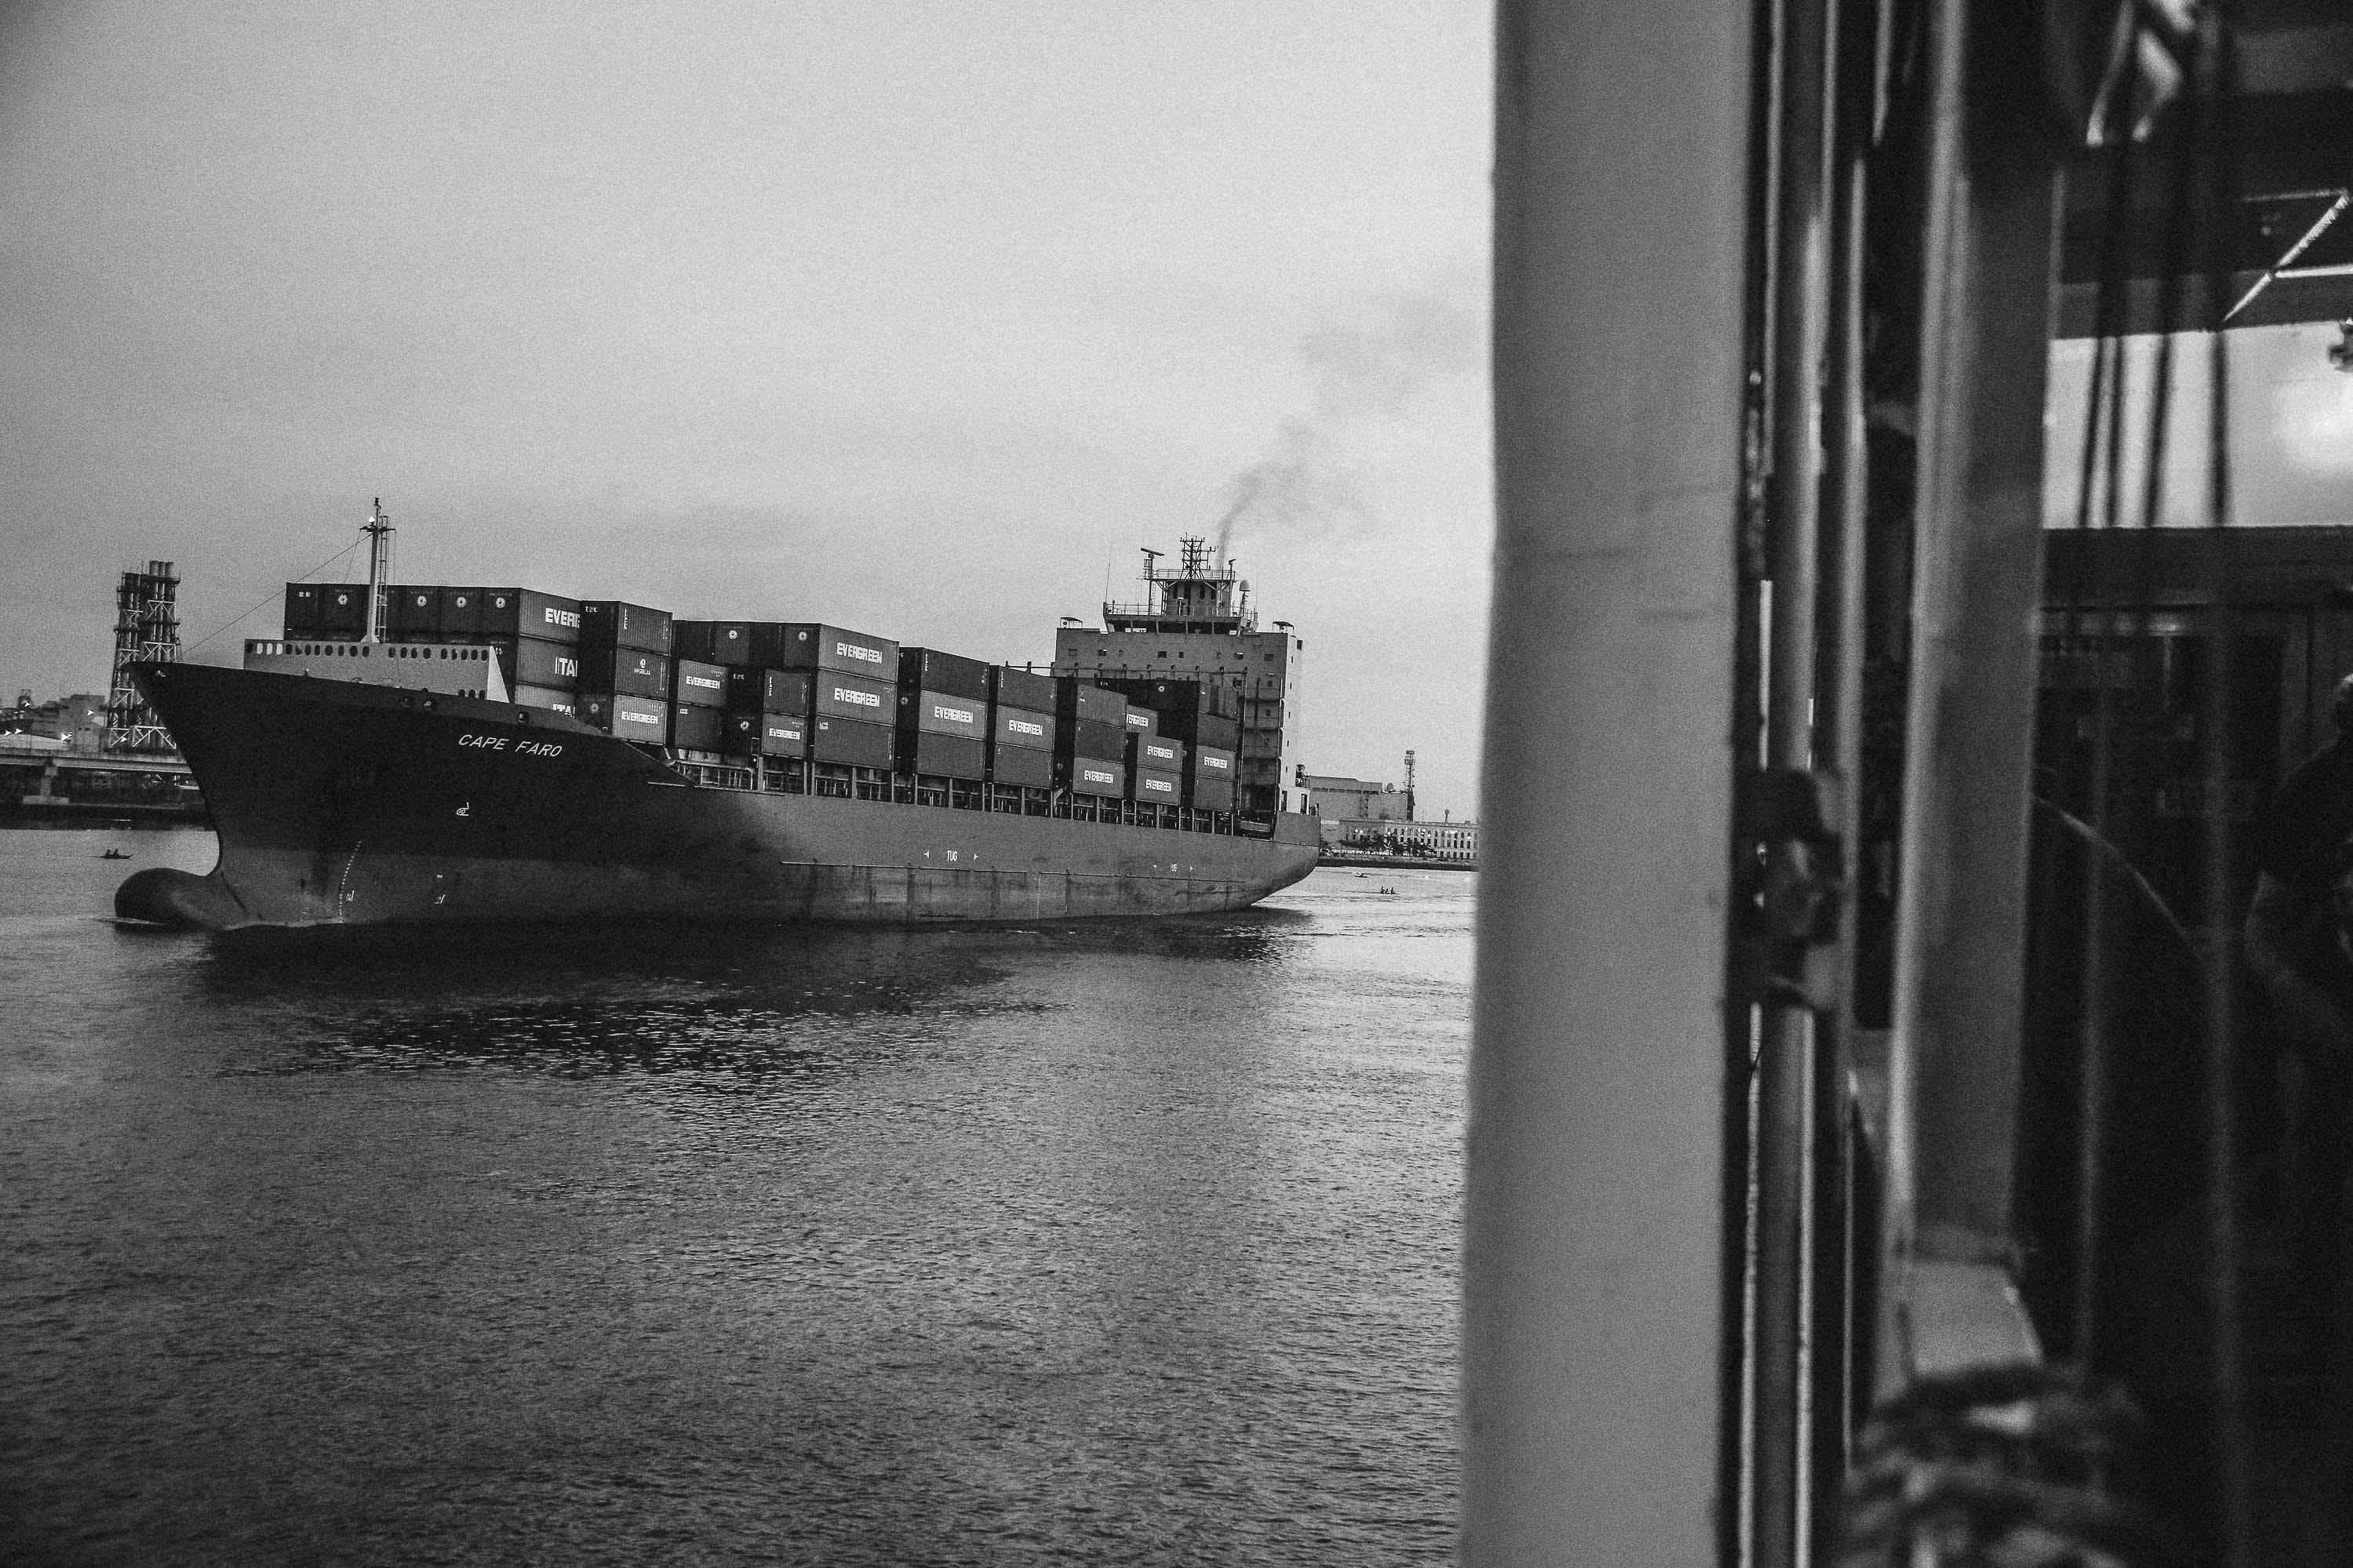 Greyscale Photo of Cargo Ship on Ocean